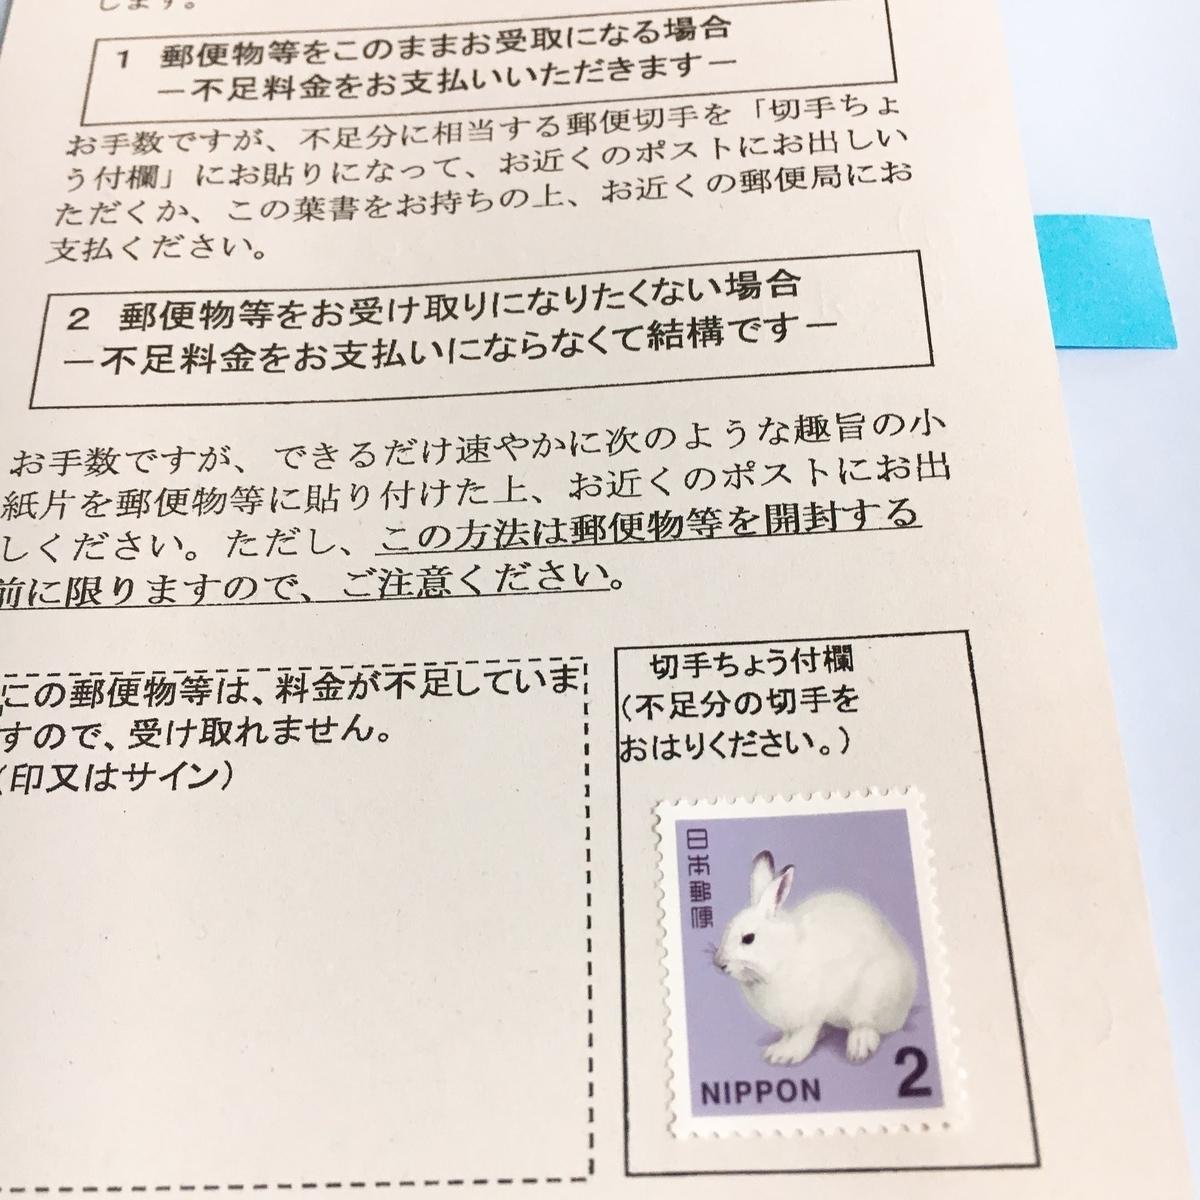 f:id:shibataku3:20200304142243j:plain